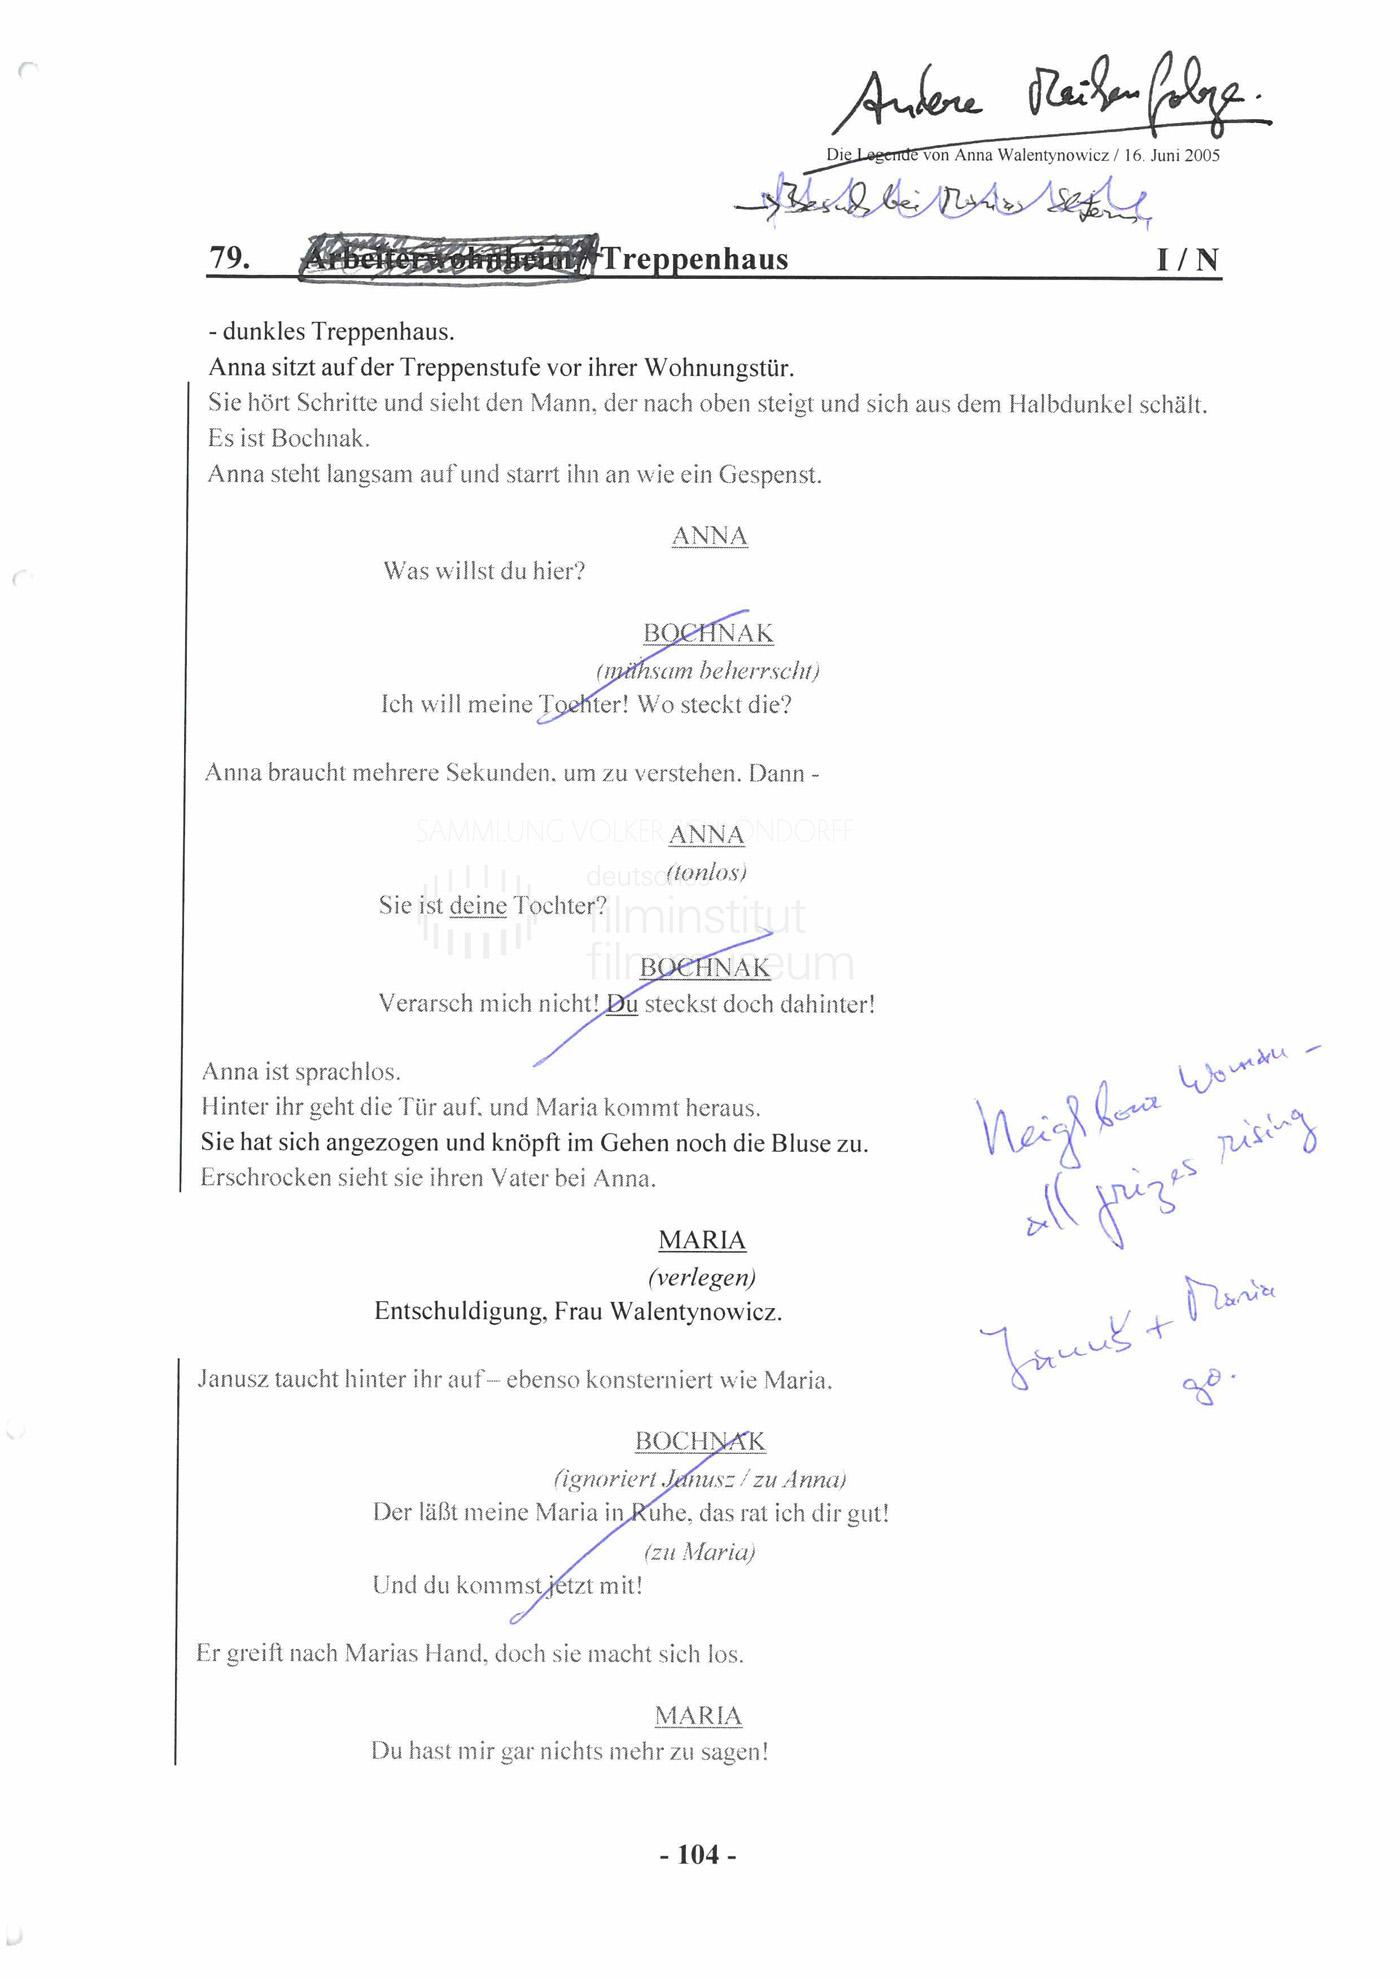 """STRAJK // Vorbereitungsmaterial / Drehbuchauszug """"Die Legende von Anna Walentynowicz"""", 2"""